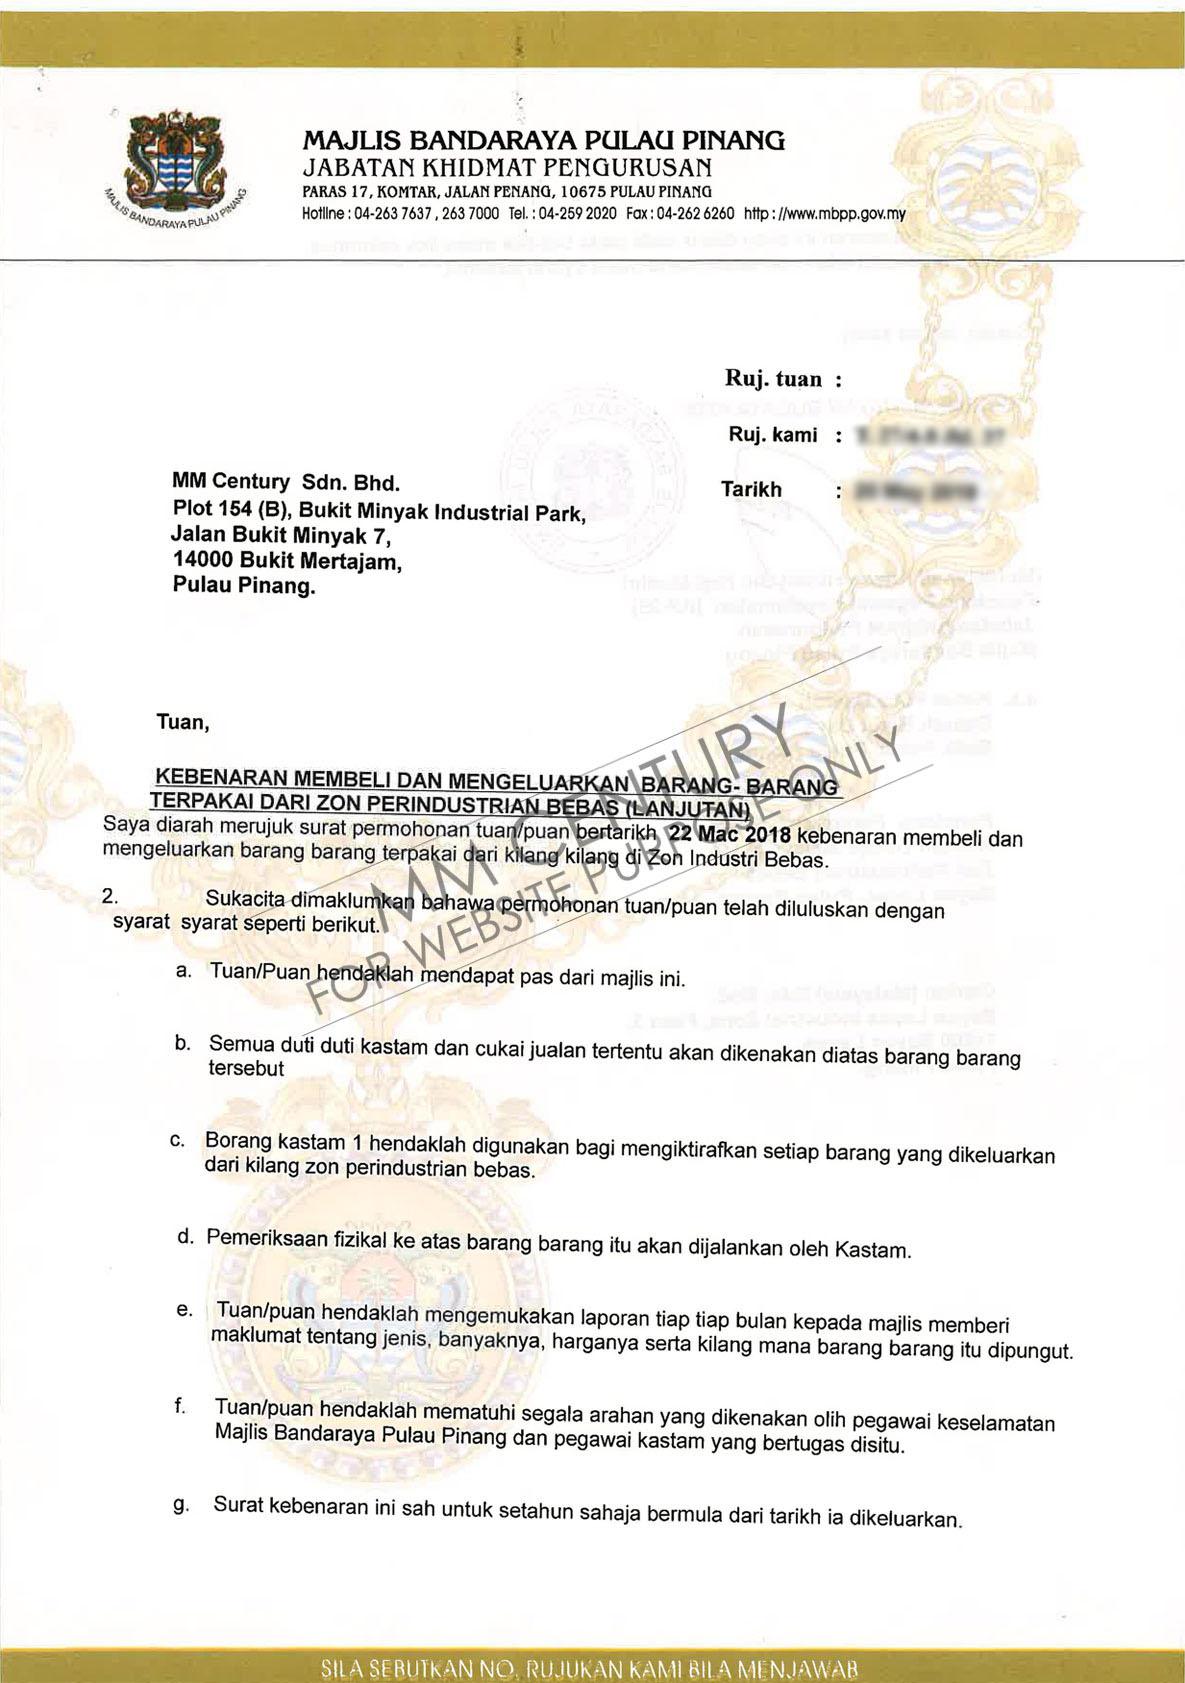 MM Century- MPPP, Majlis Bandaraya Pulau Pinang